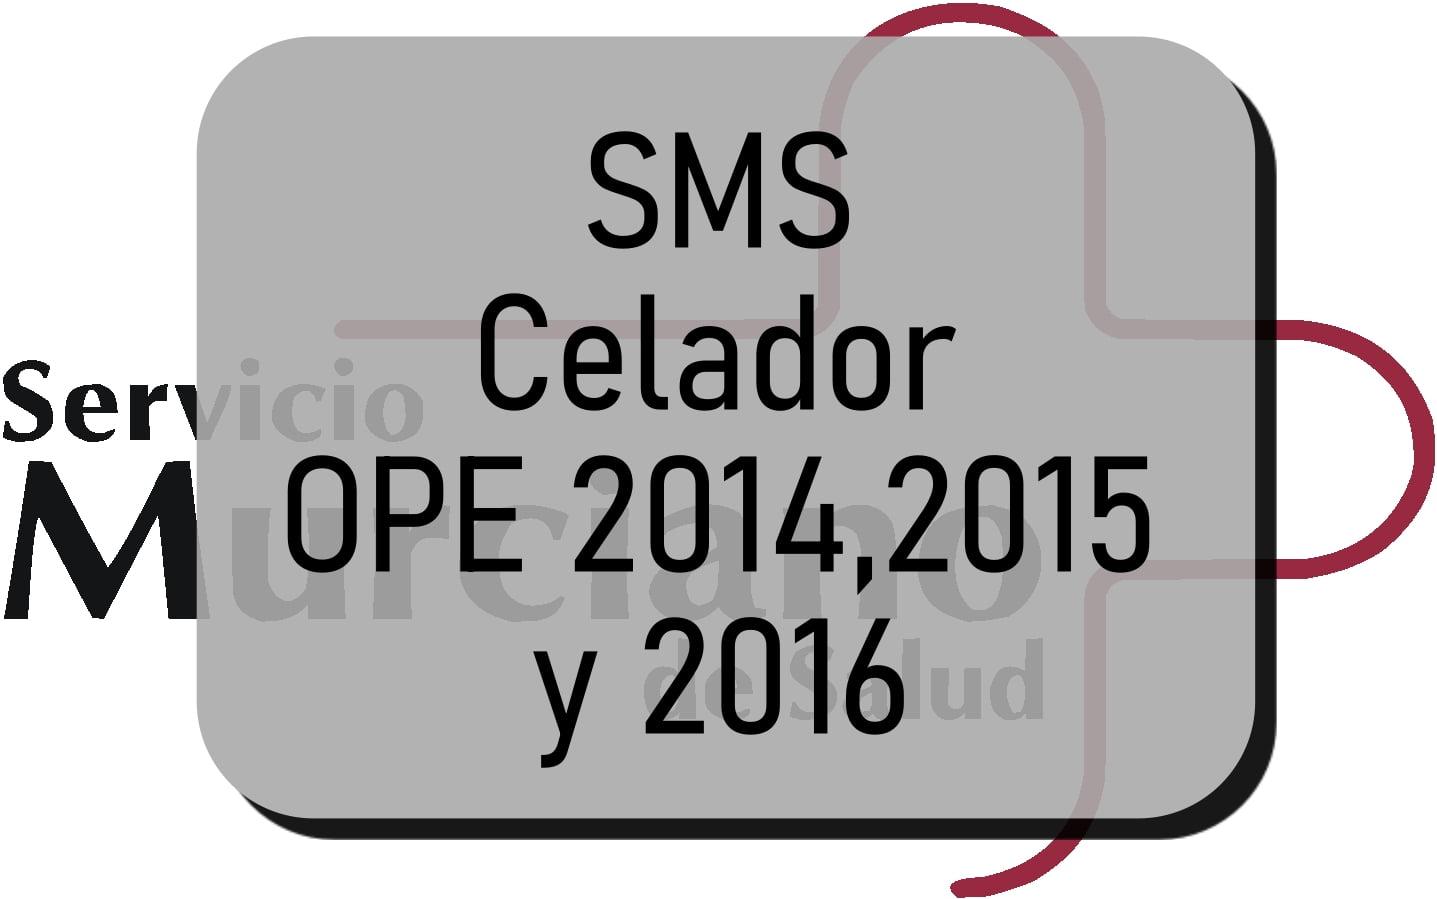 OPE SMS Celador